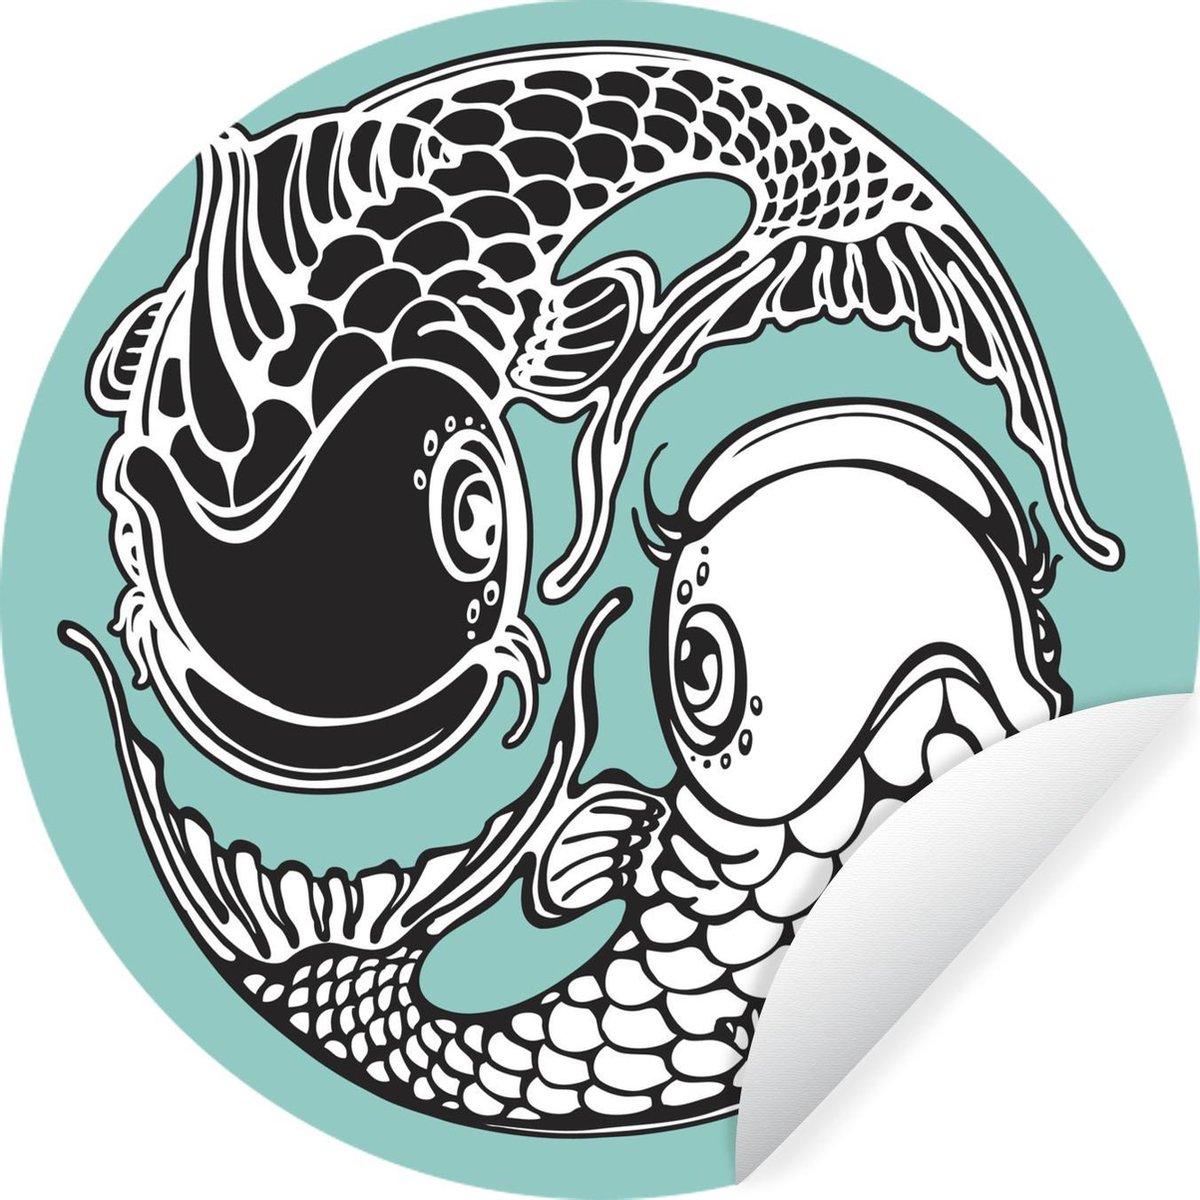 Wandcirkel Koikarpers Illustratie - Illustratie van koikarpers dieyin yang teken vormen -   140 cm - rond schilderij - behangcirkel - muurcirkel - wooncirkel - zelfklevend & rond uitgesneden